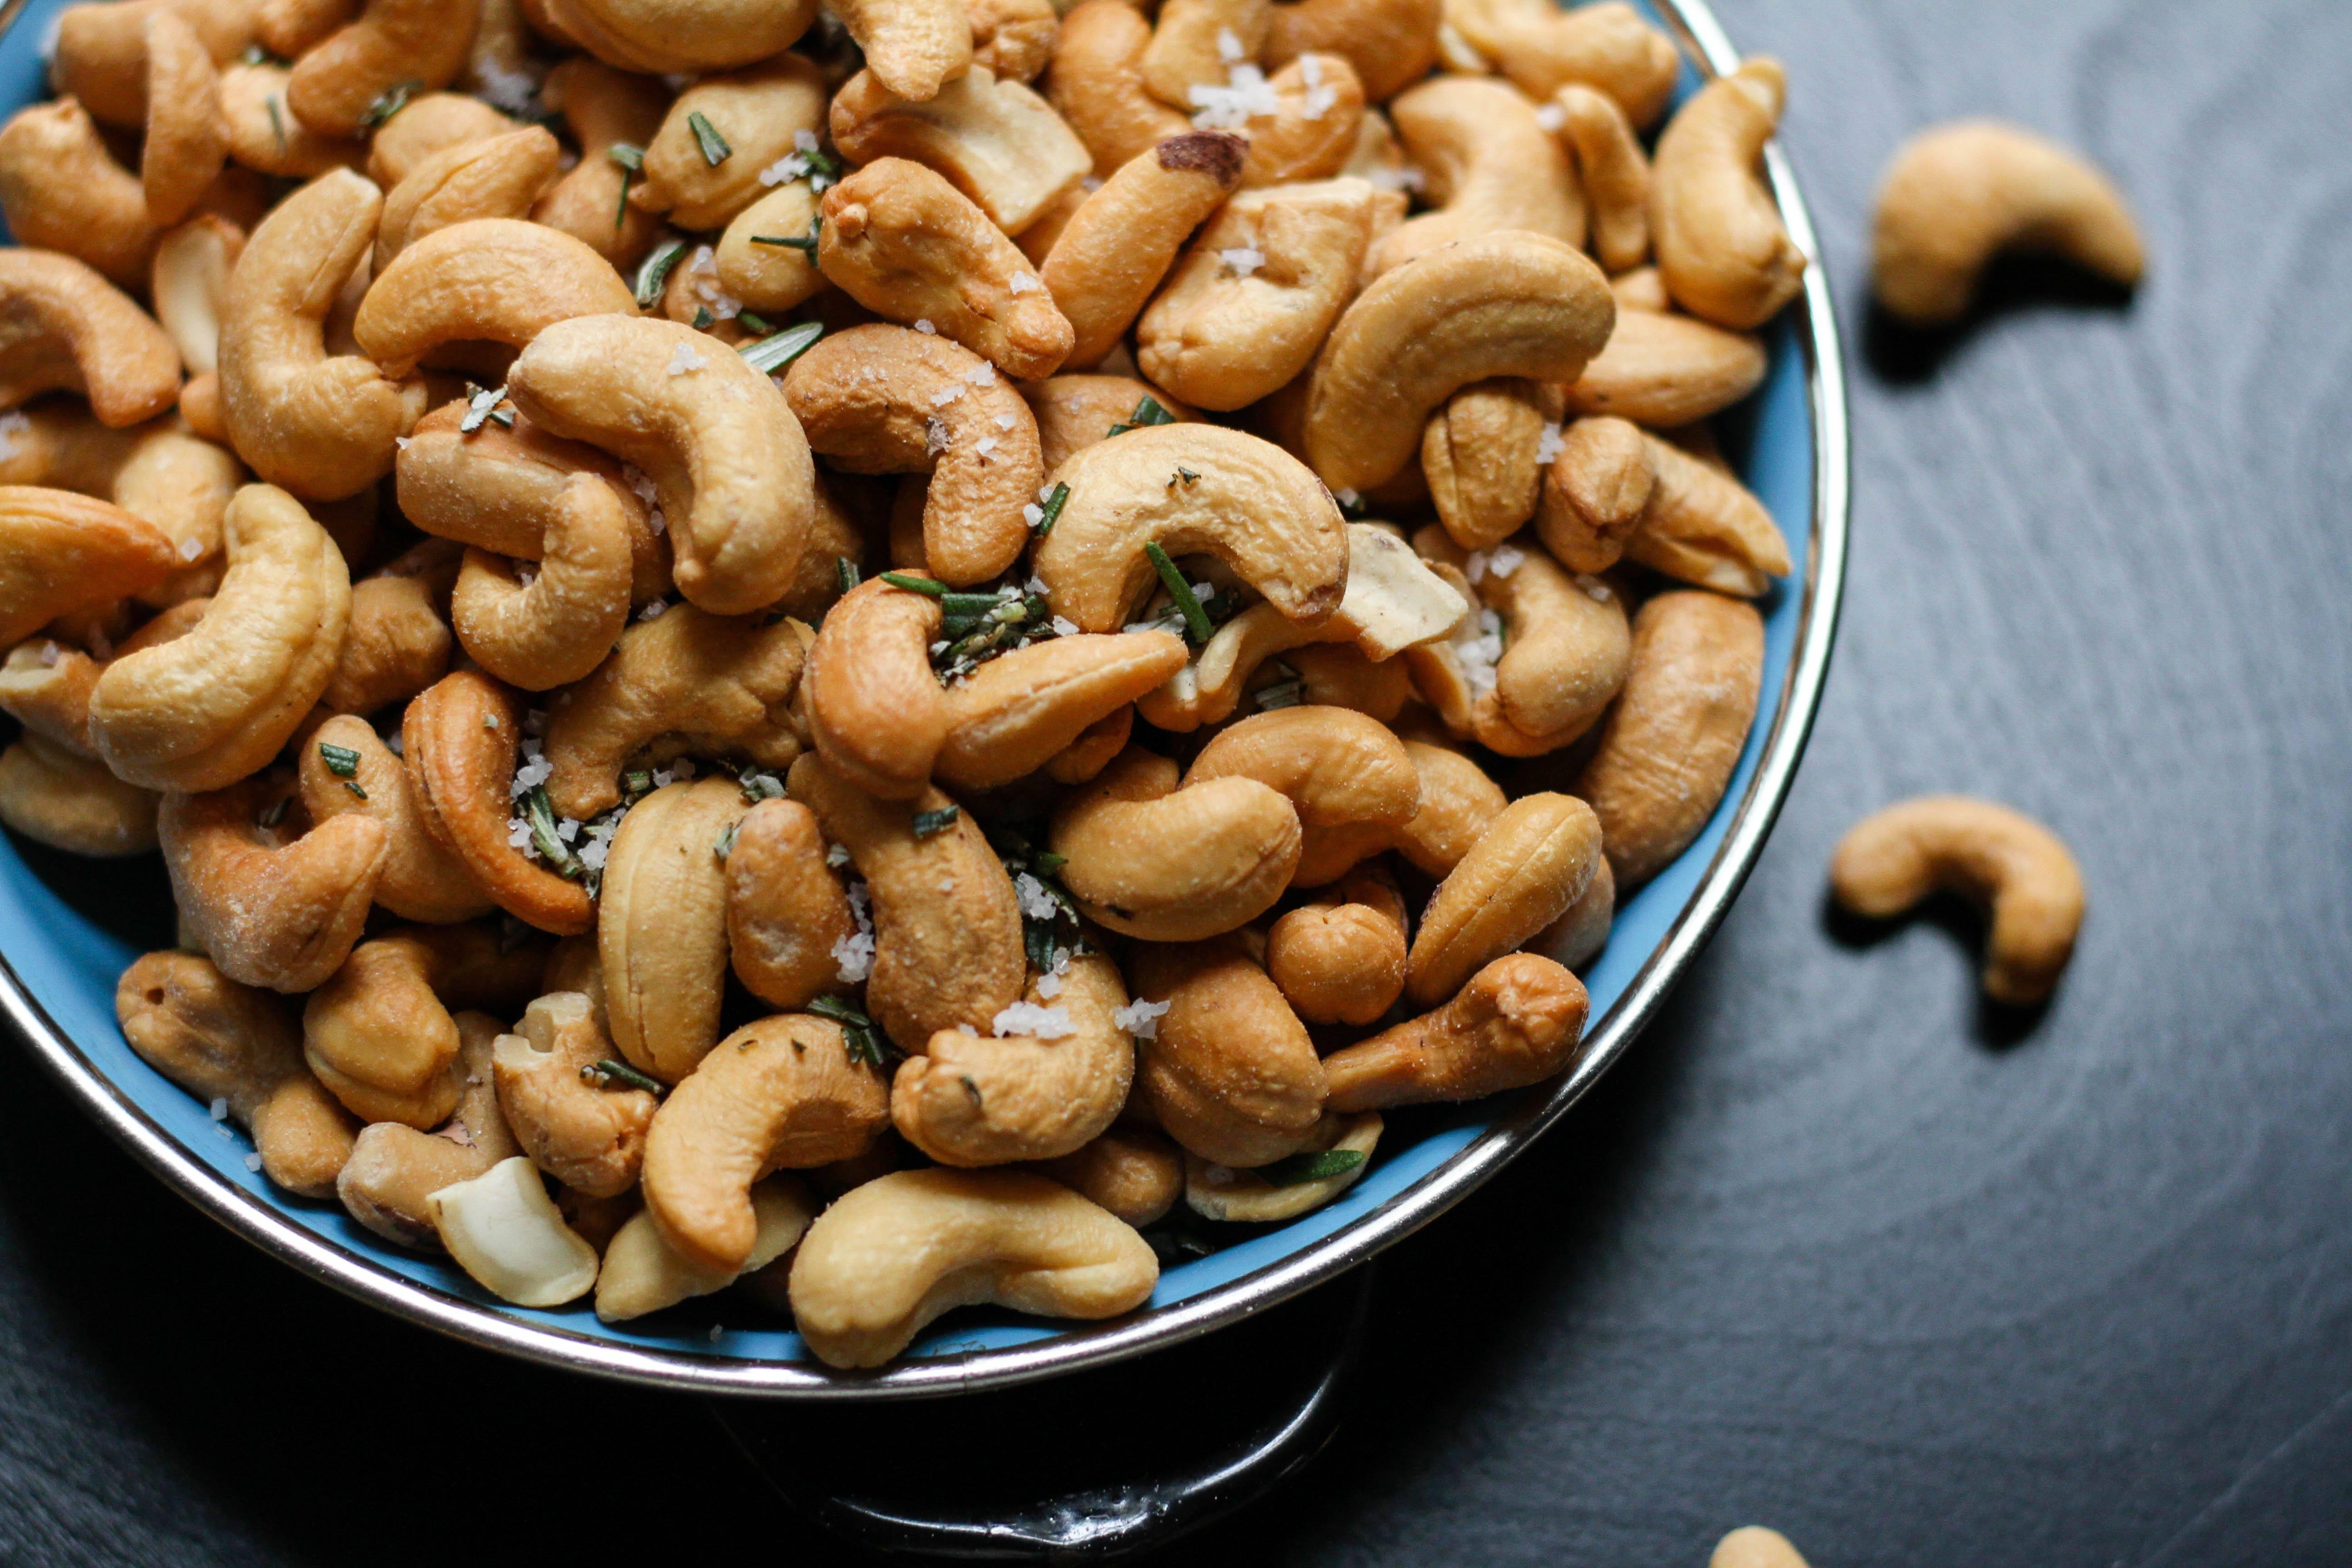 Какие орехи можно есть при сахарном диабете 2 типа: грецкие, кедровые, арахис, фундук?